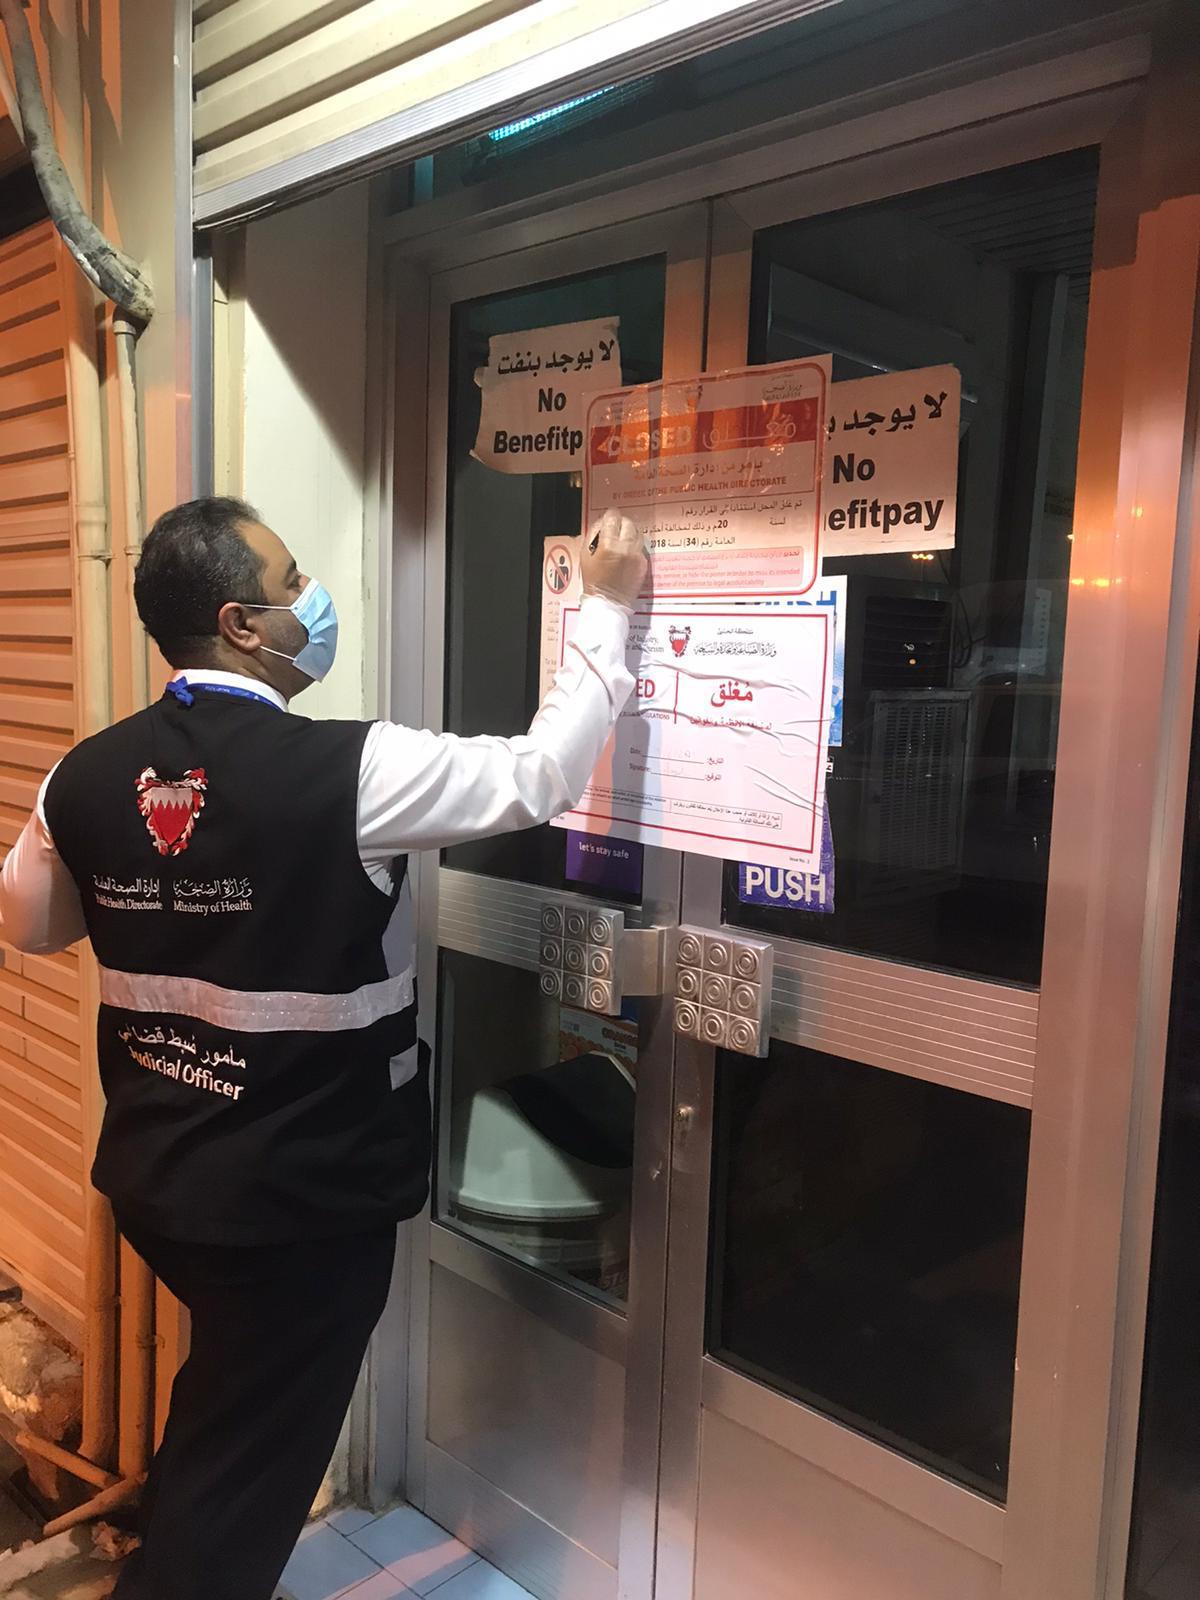 وزارة الصحة: حملات تفتيشية شملت 210 مطاعم ومقاهي ومخالفة 38 منها وغلق مطعمين